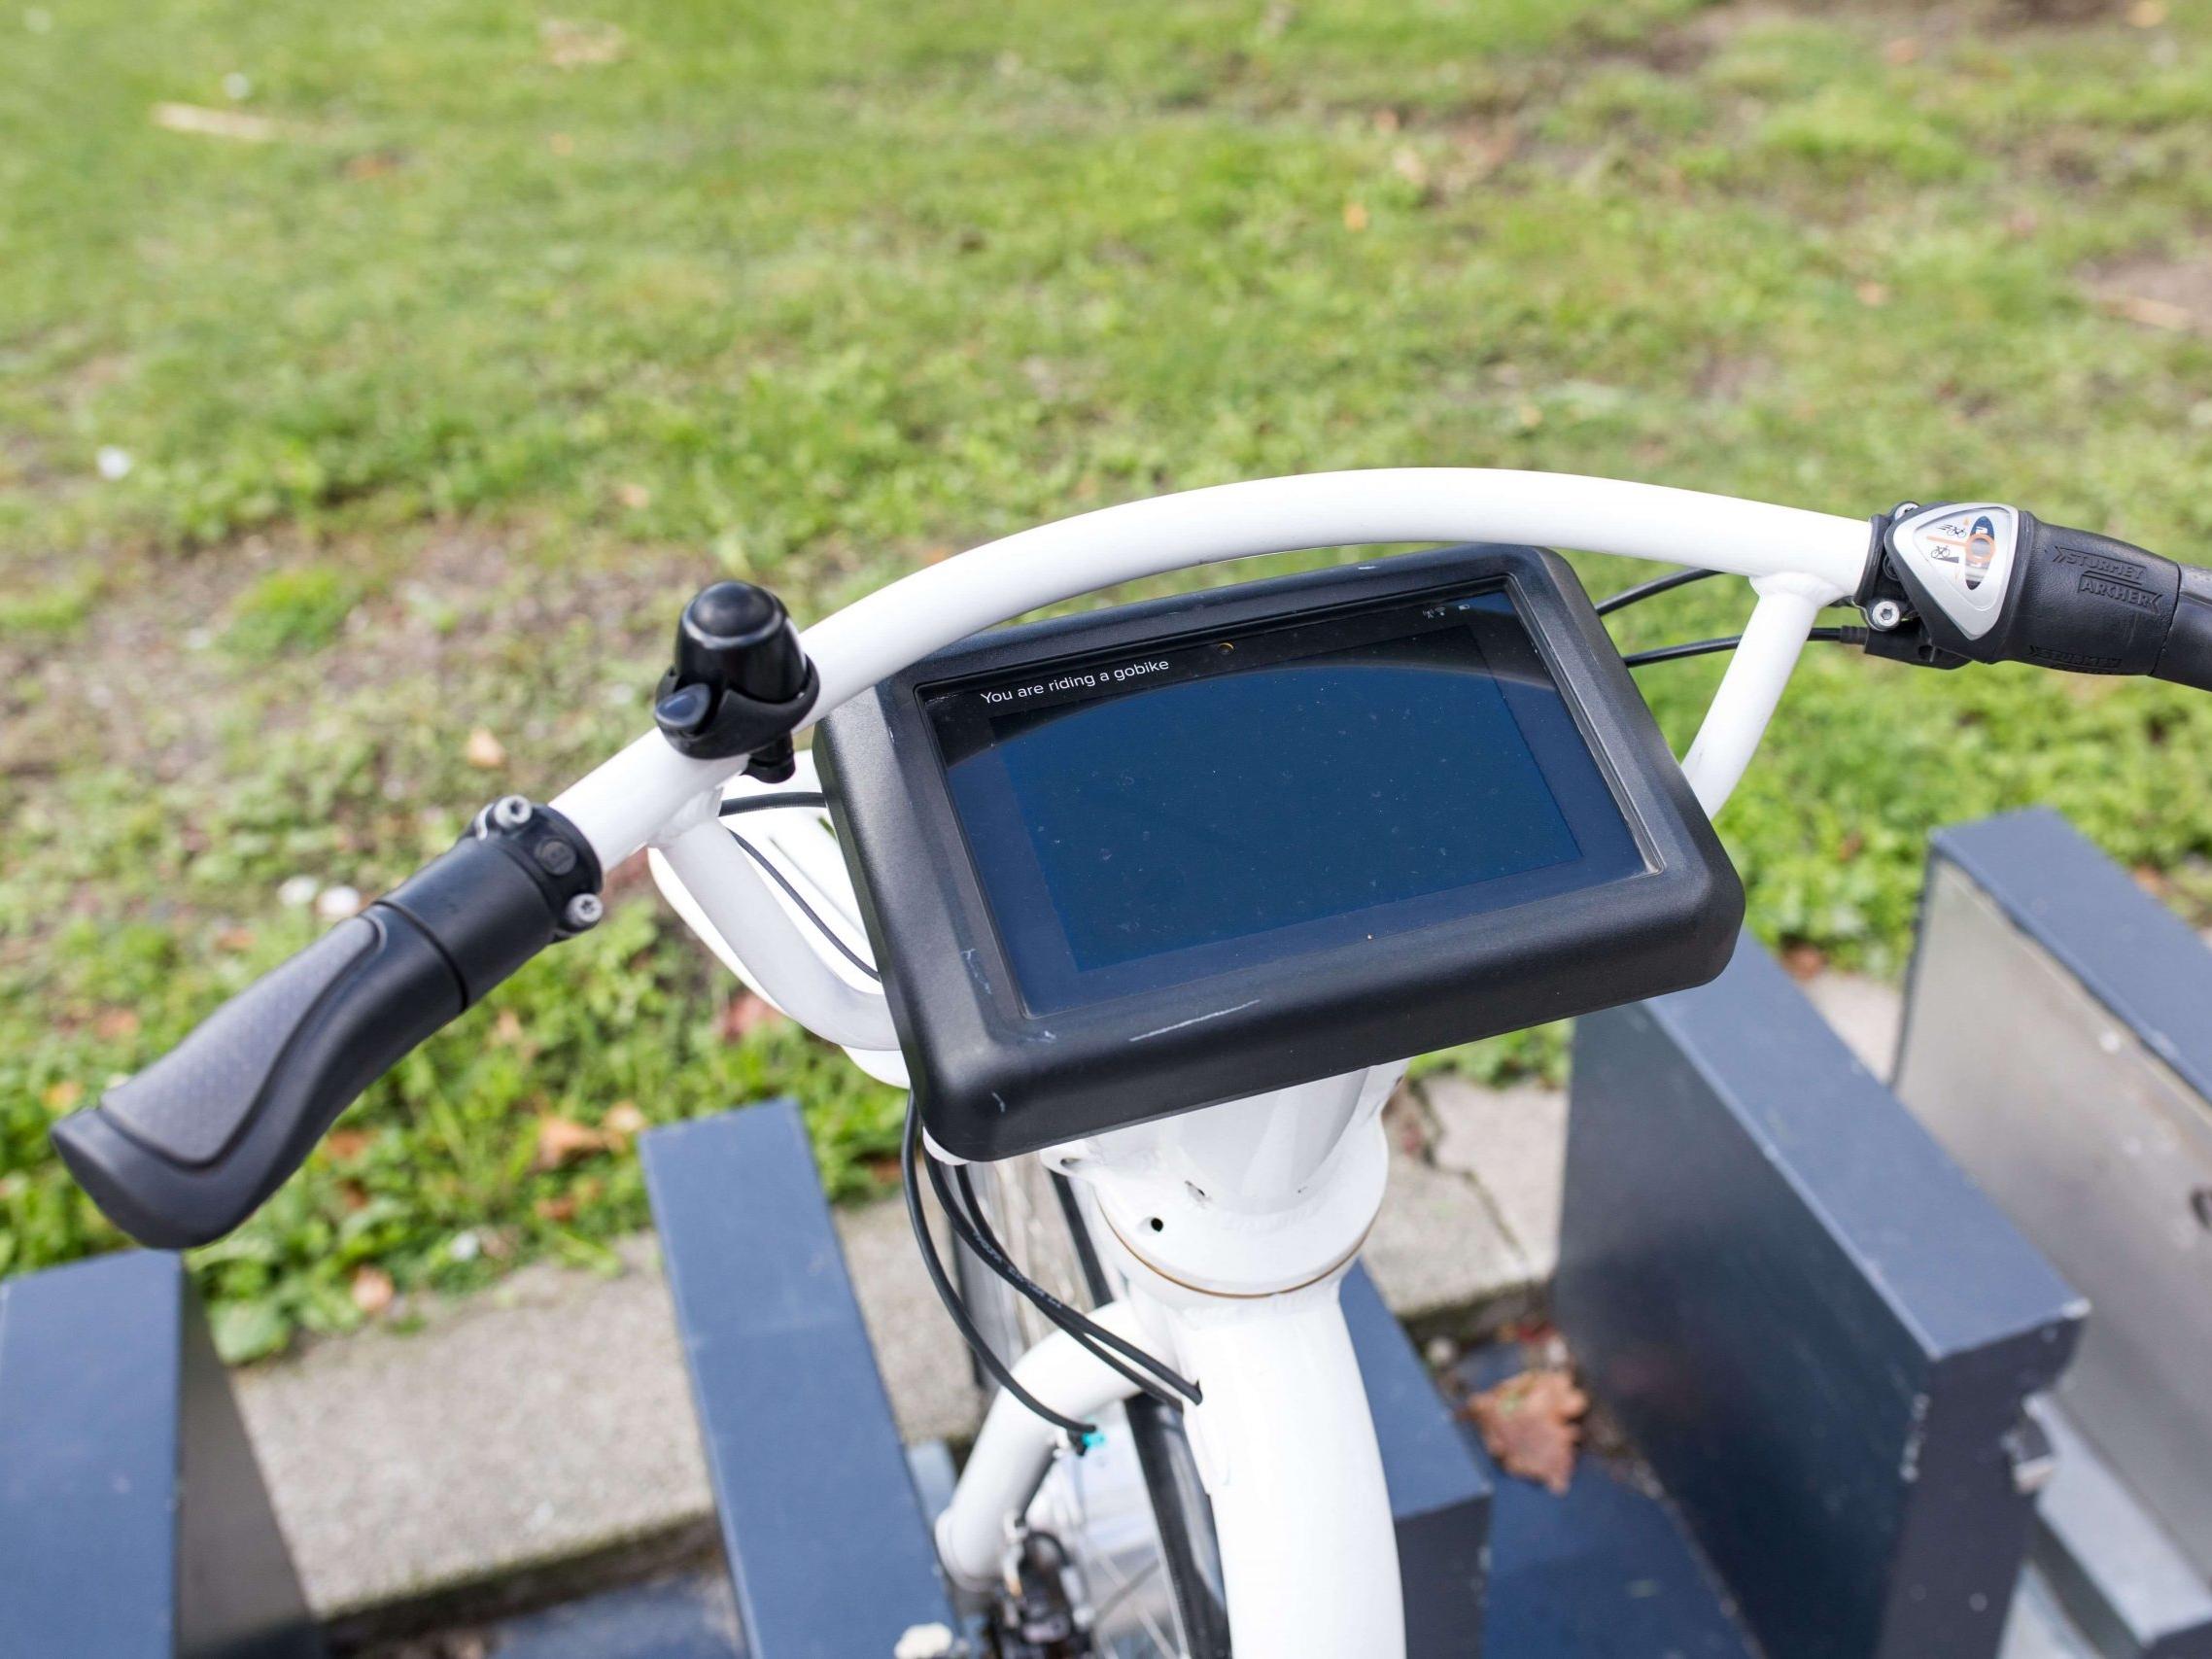 Mobility Lab helpt opnieuw startups die mobiliteit willen innoveren